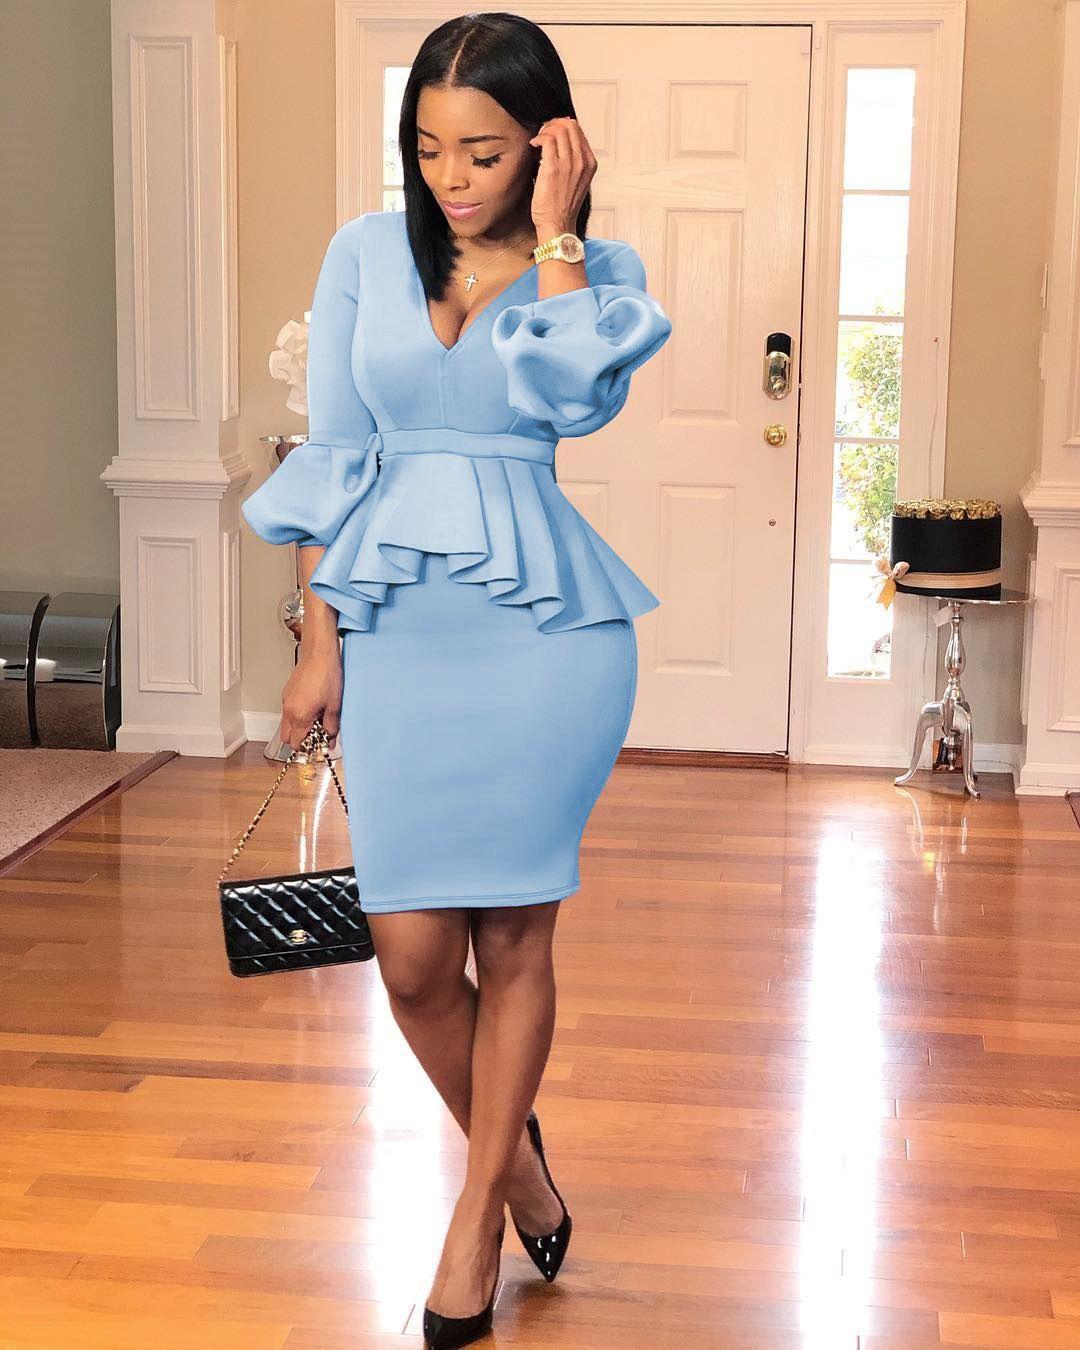 S M L XL XXL İki Parçalı Set Ofis Elbise Yüksek Kaliteli Katı Renk Fener Kol Çalışma Giyim ZYA819